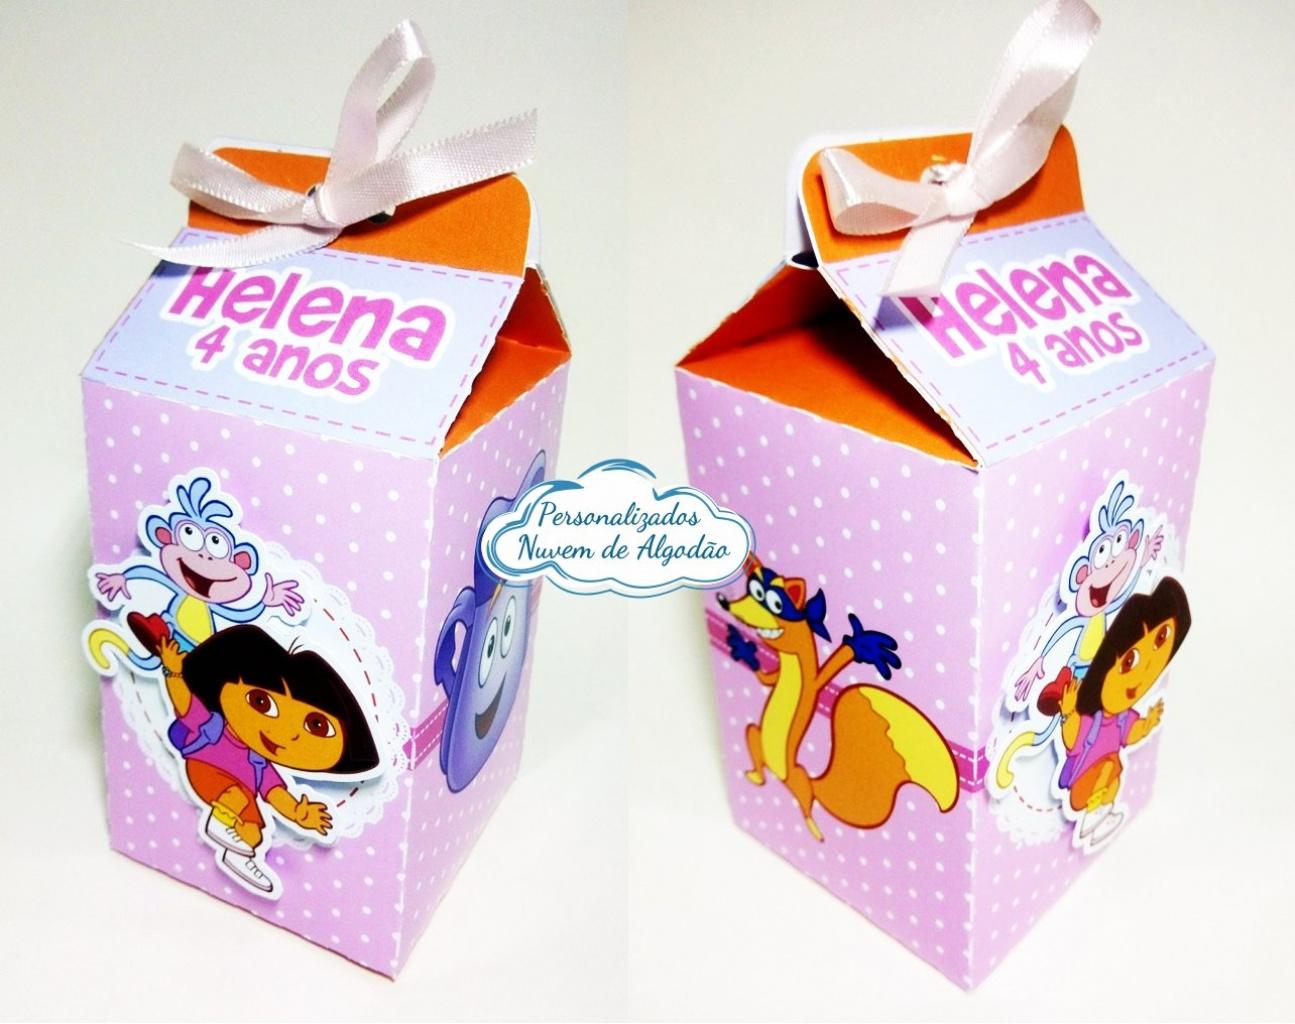 Nuvem de algodão personalizados - Caixa milk Dora aventureira